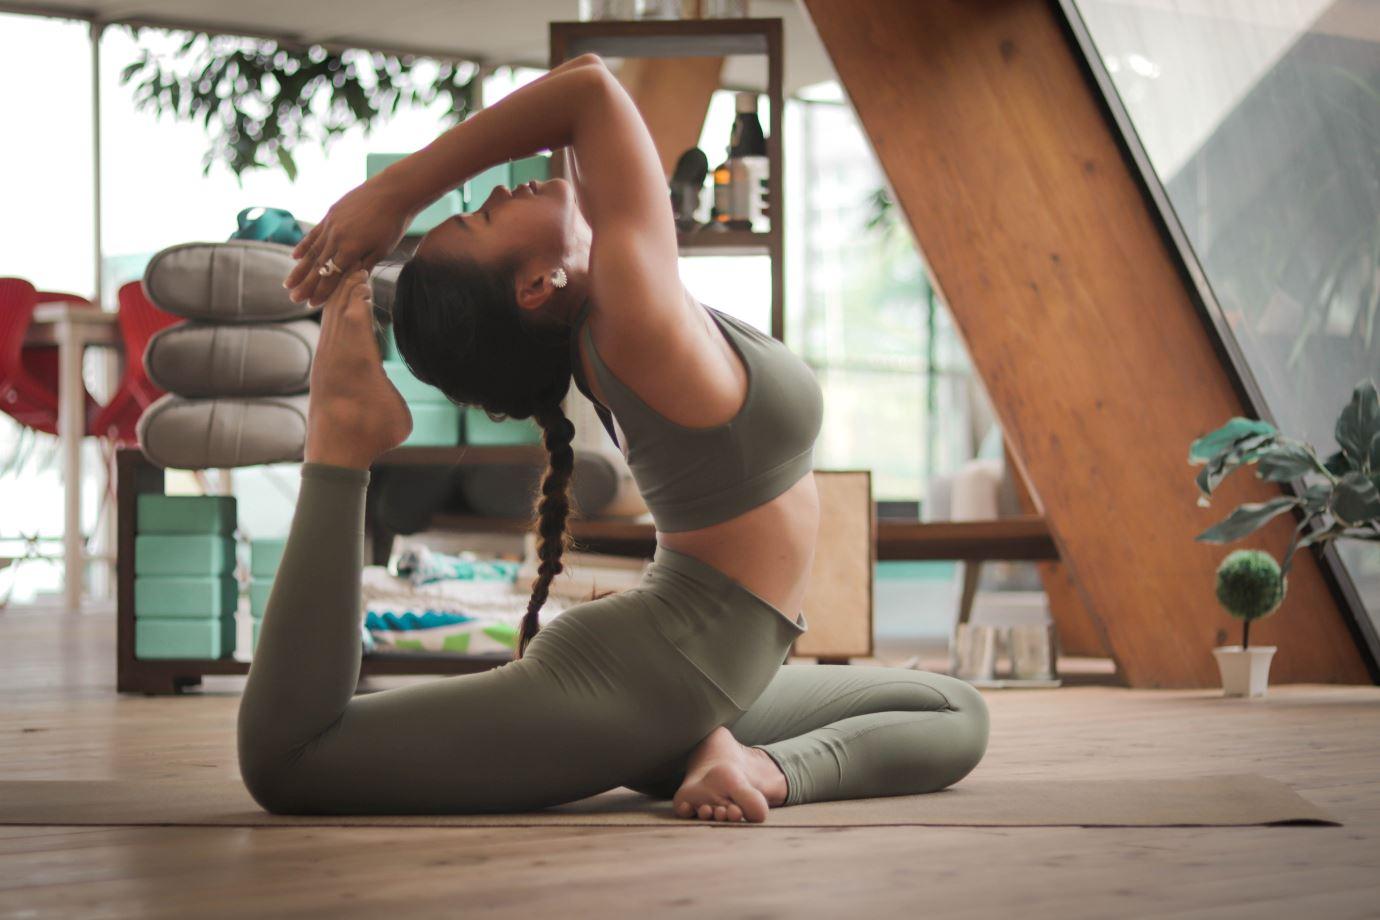 beneficios de practicar yoga en casa durante la cuarentena